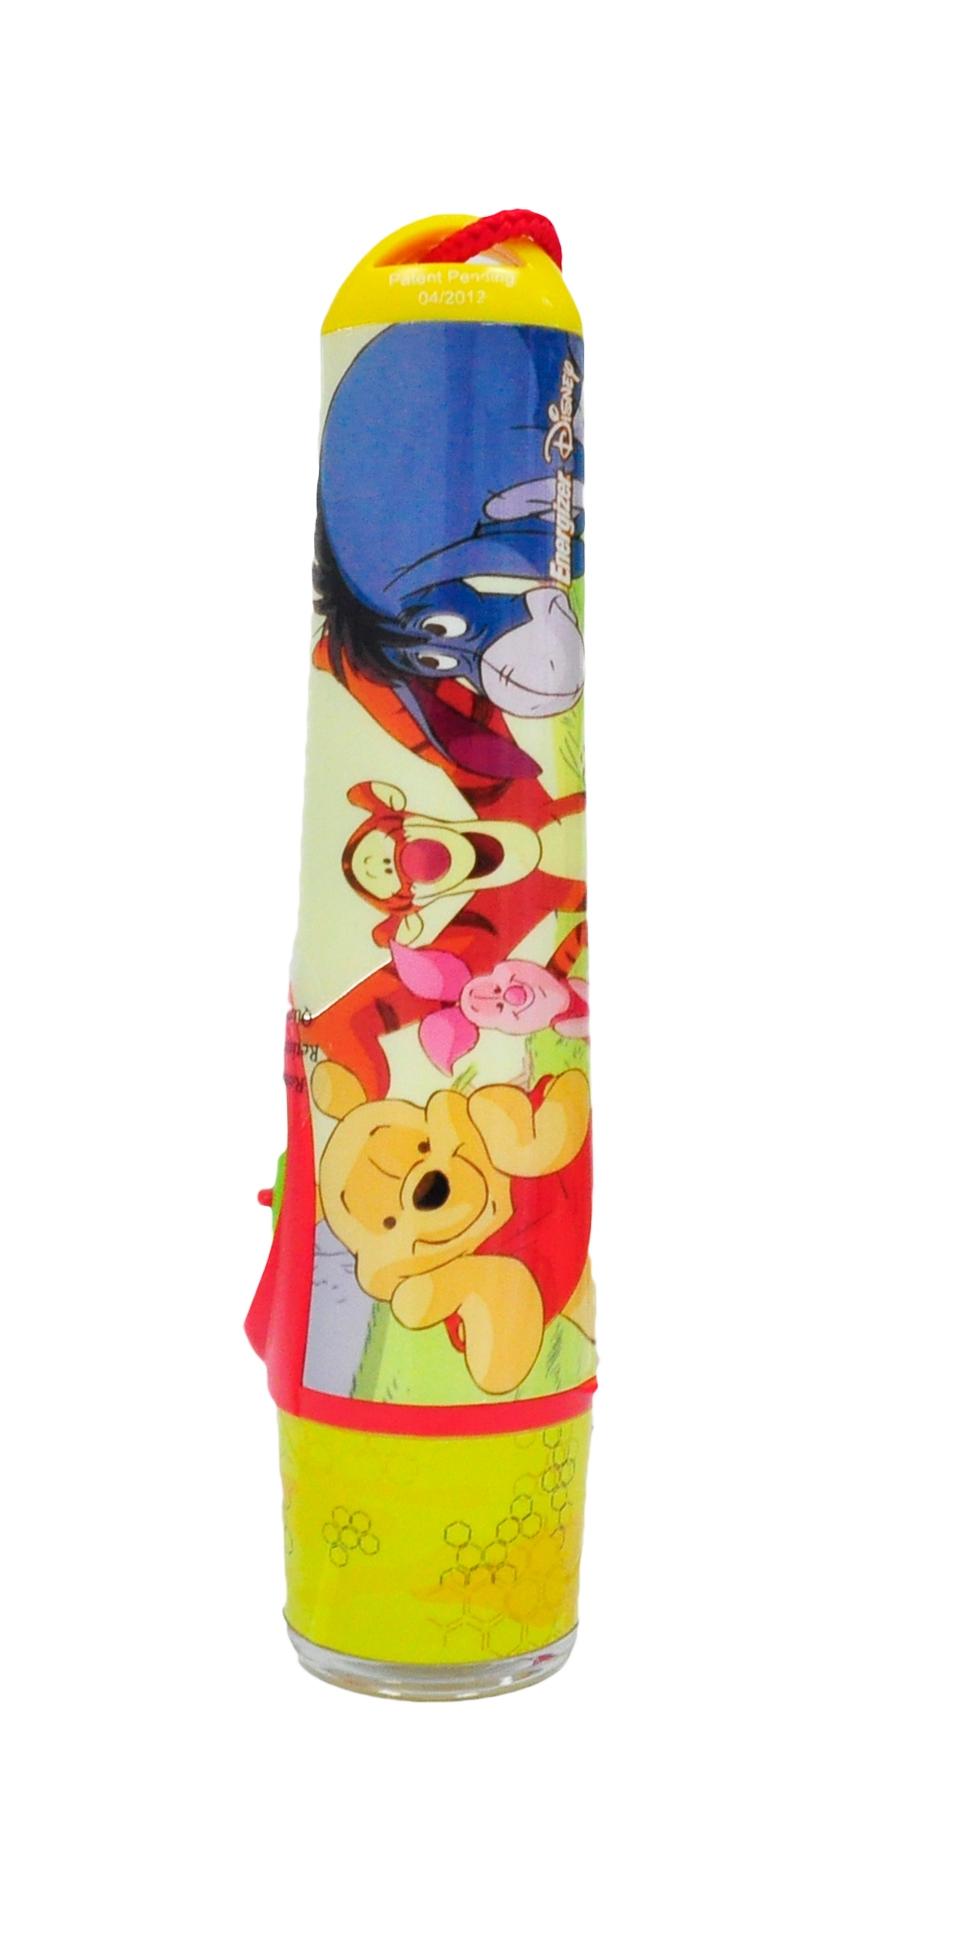 Освещение Energizer Disney Винни Пух disney книжка с маркером прописи учим фигуры винни